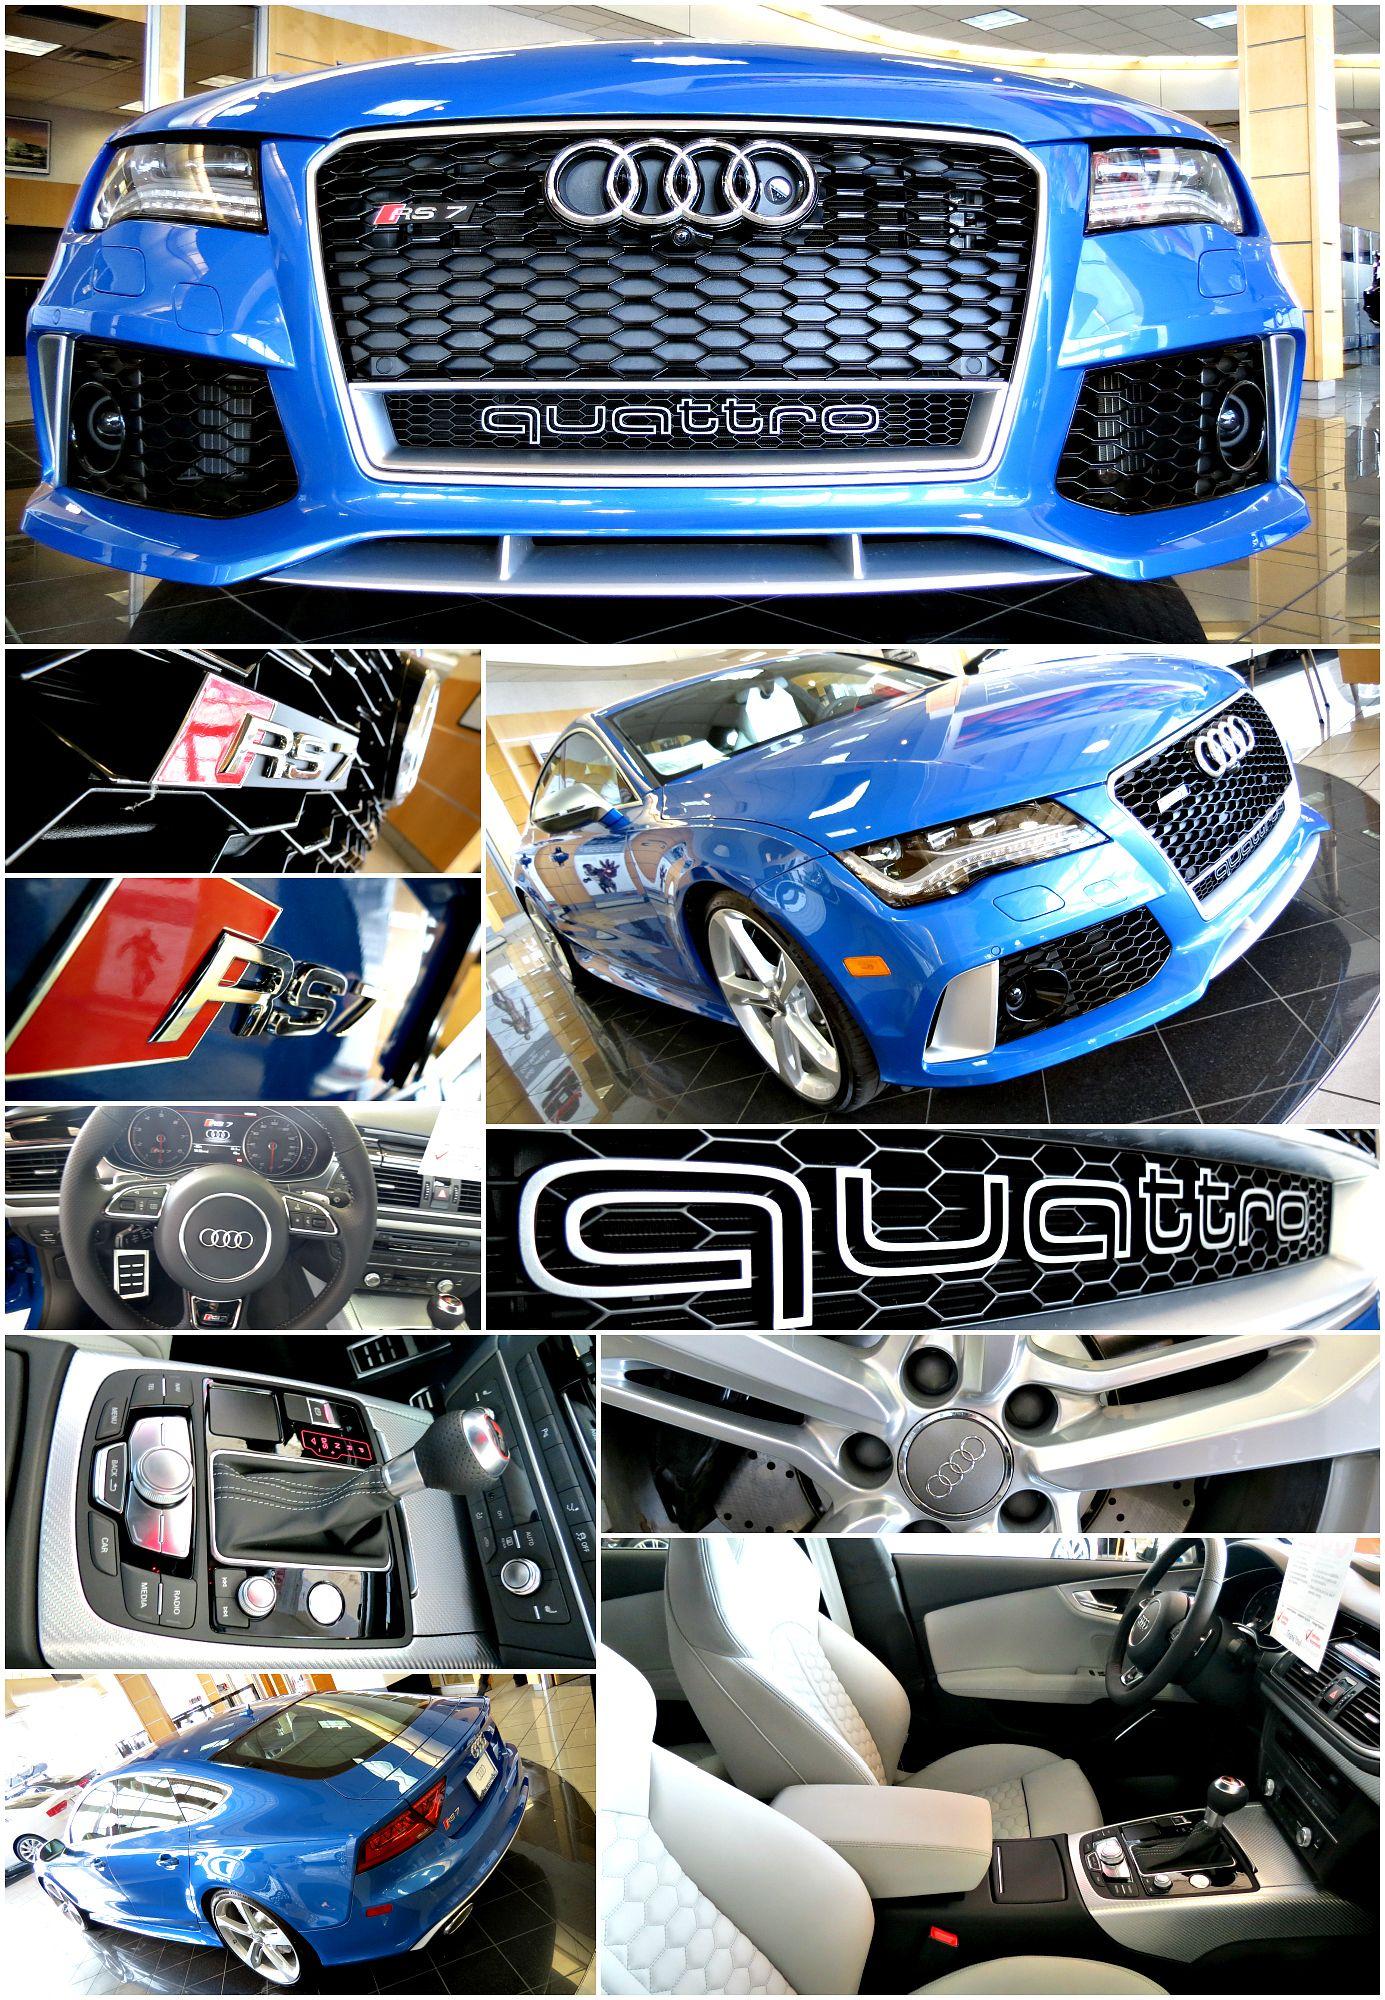 Audi RS7 Audi North Scottsdale SprintBlue Fourrings GermanCars